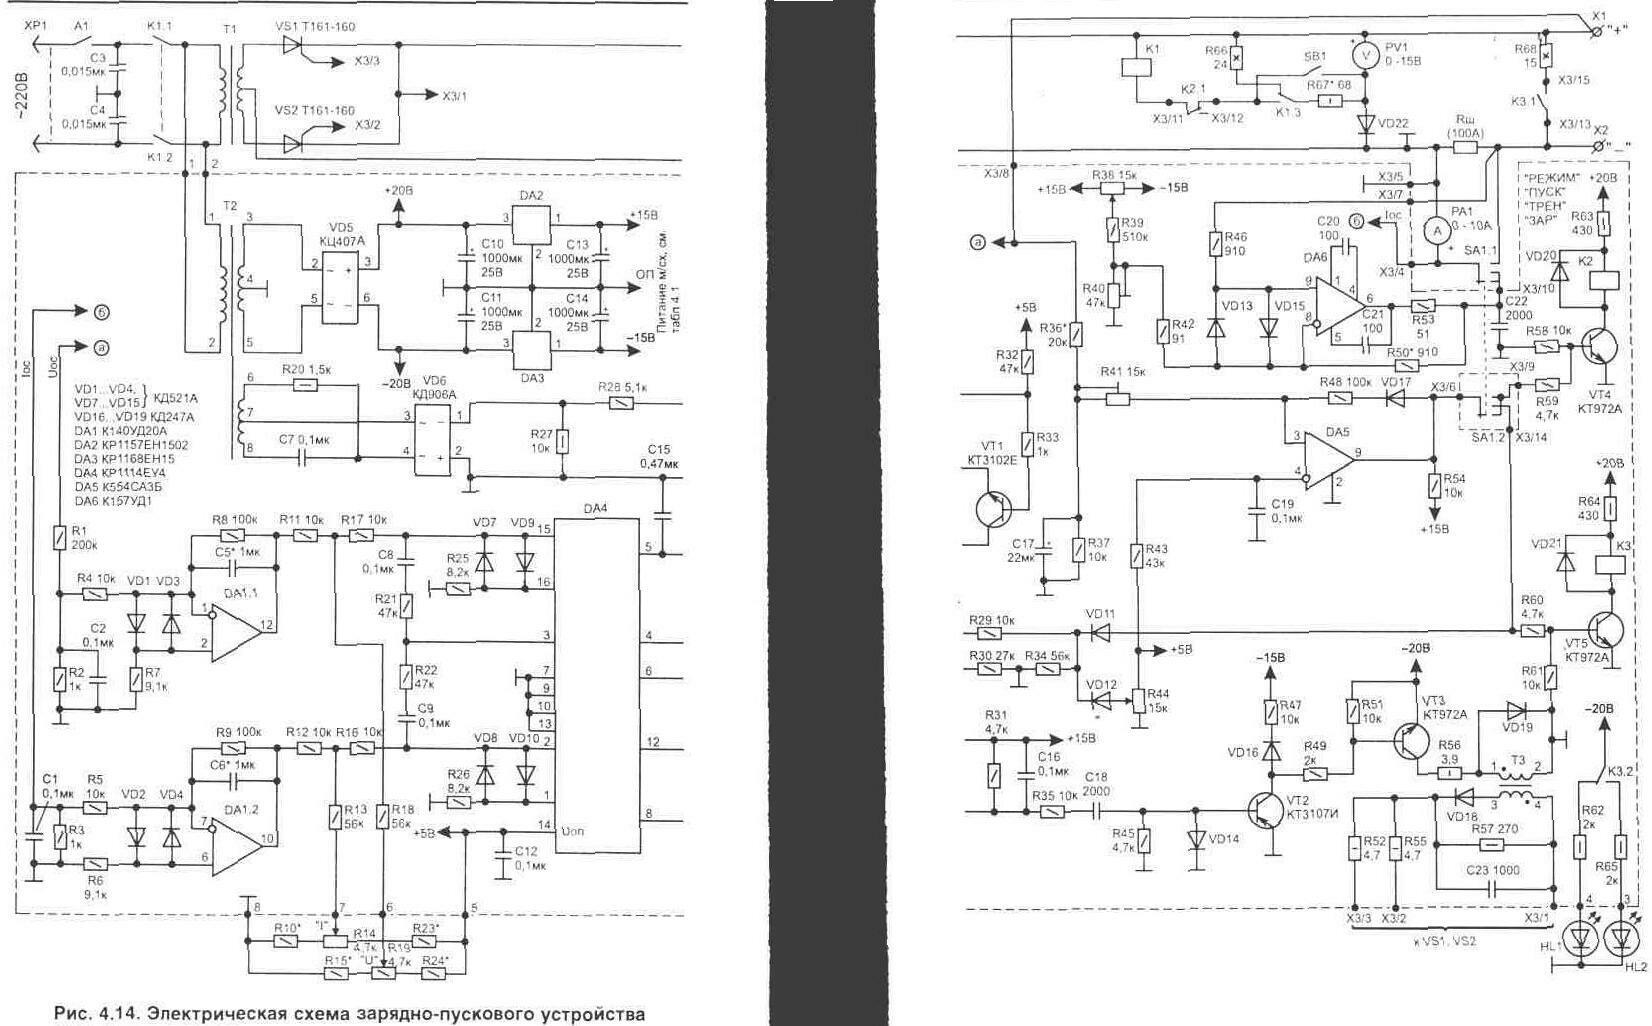 схема автомобильного зарядного устройства на 4 диодах